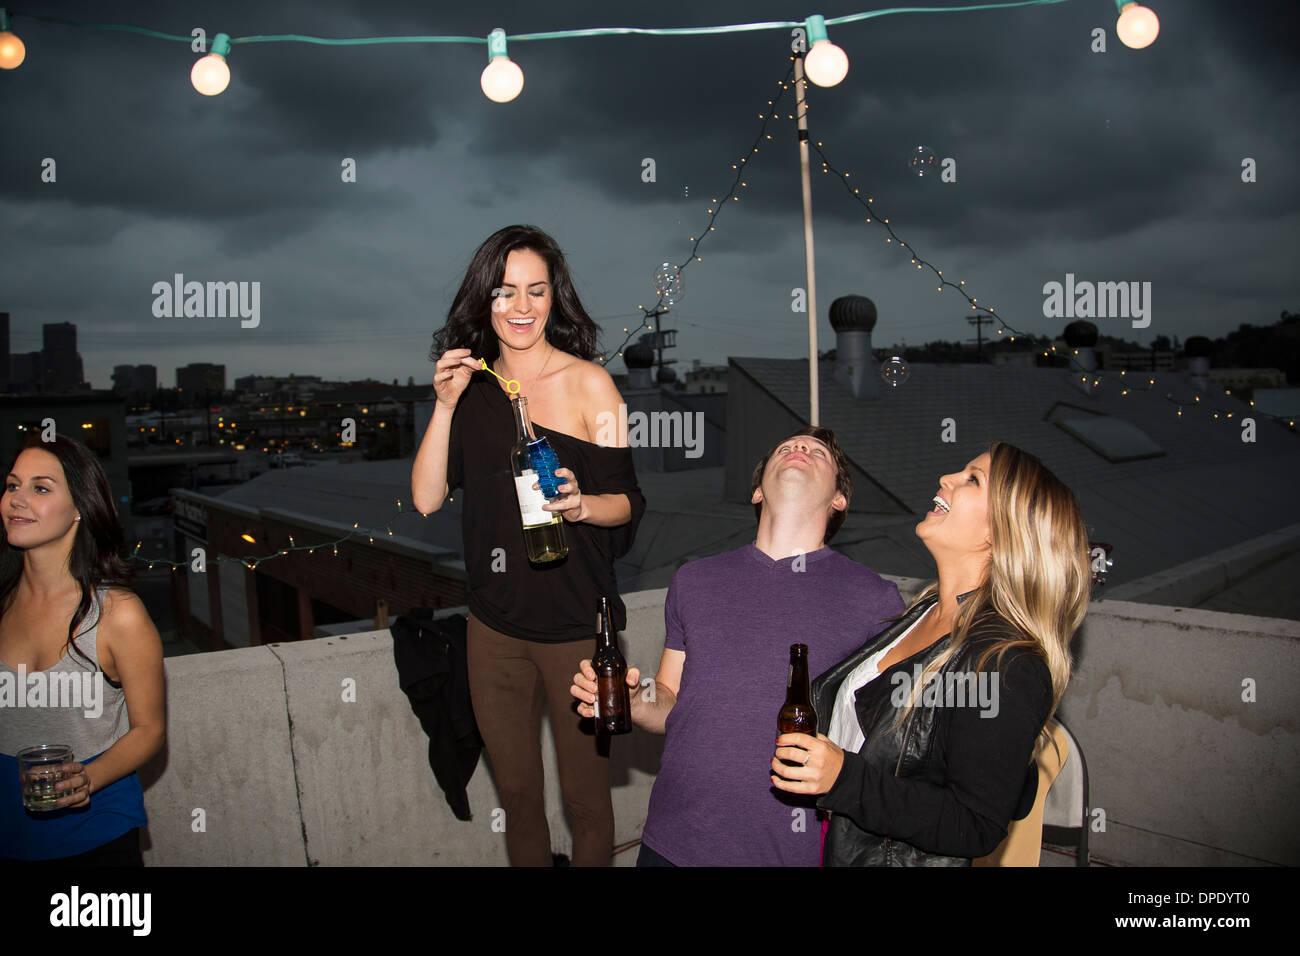 Junge Erwachsene Freunde Seifenblasen auf Party auf dem Dach Stockbild